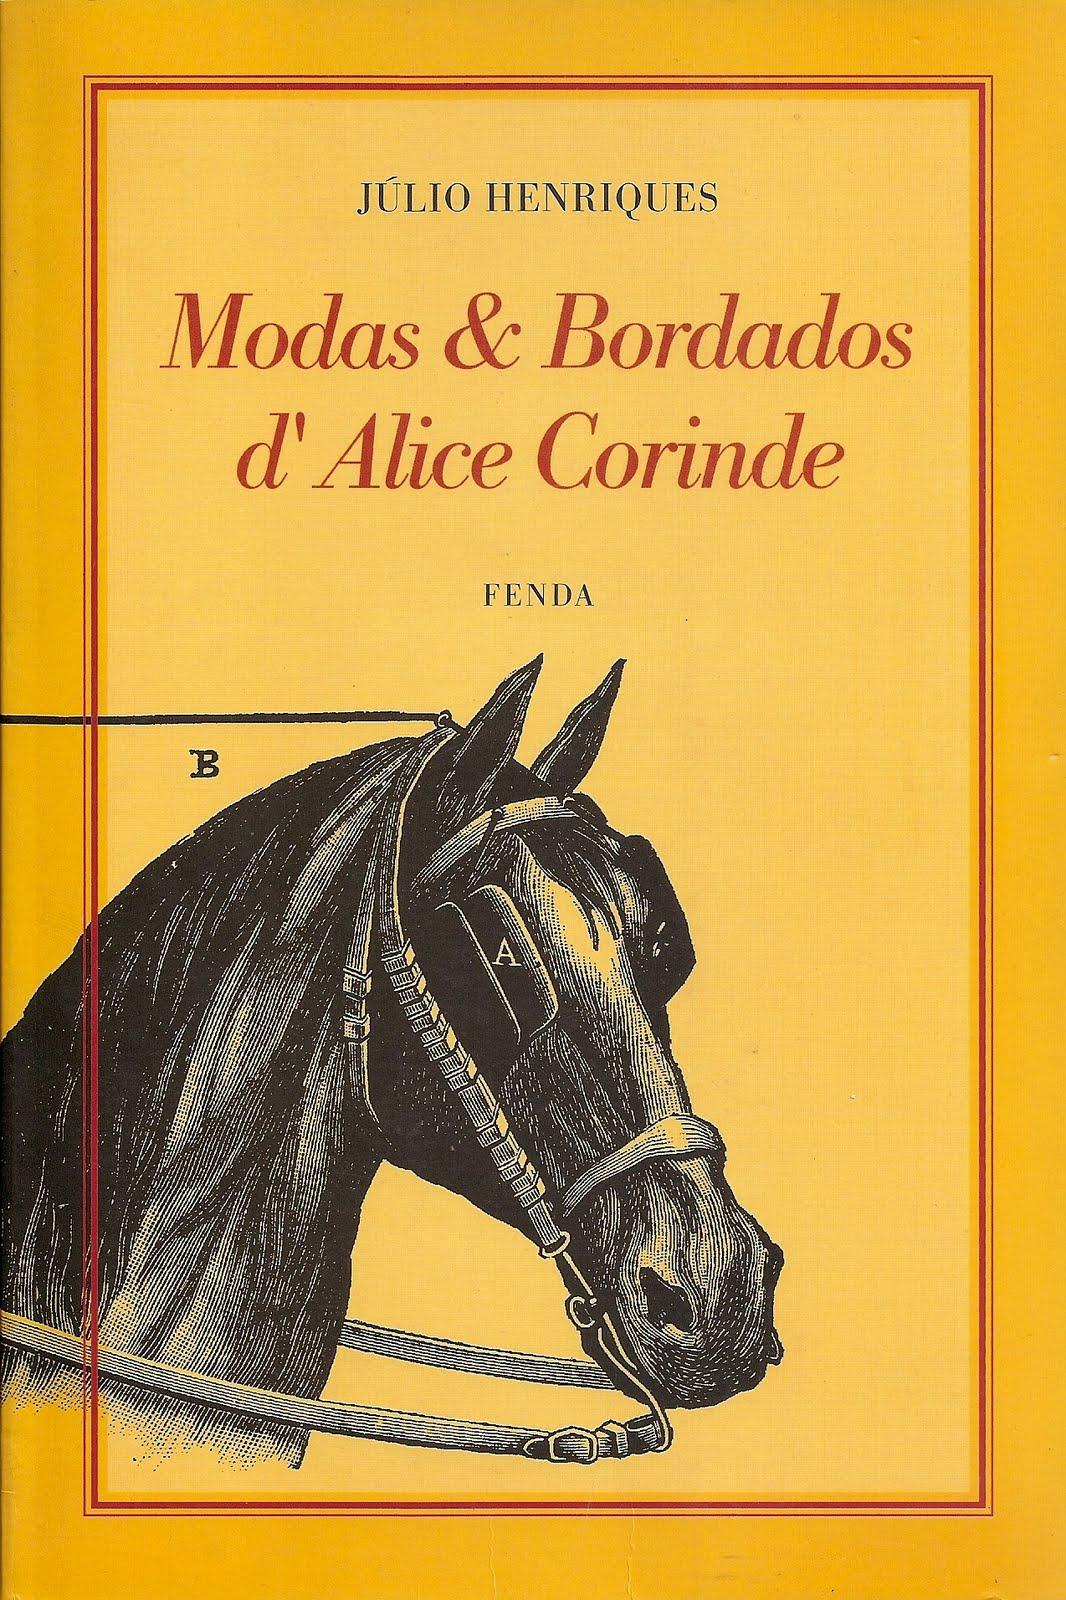 Modas & Bordados d'Alice Corinde